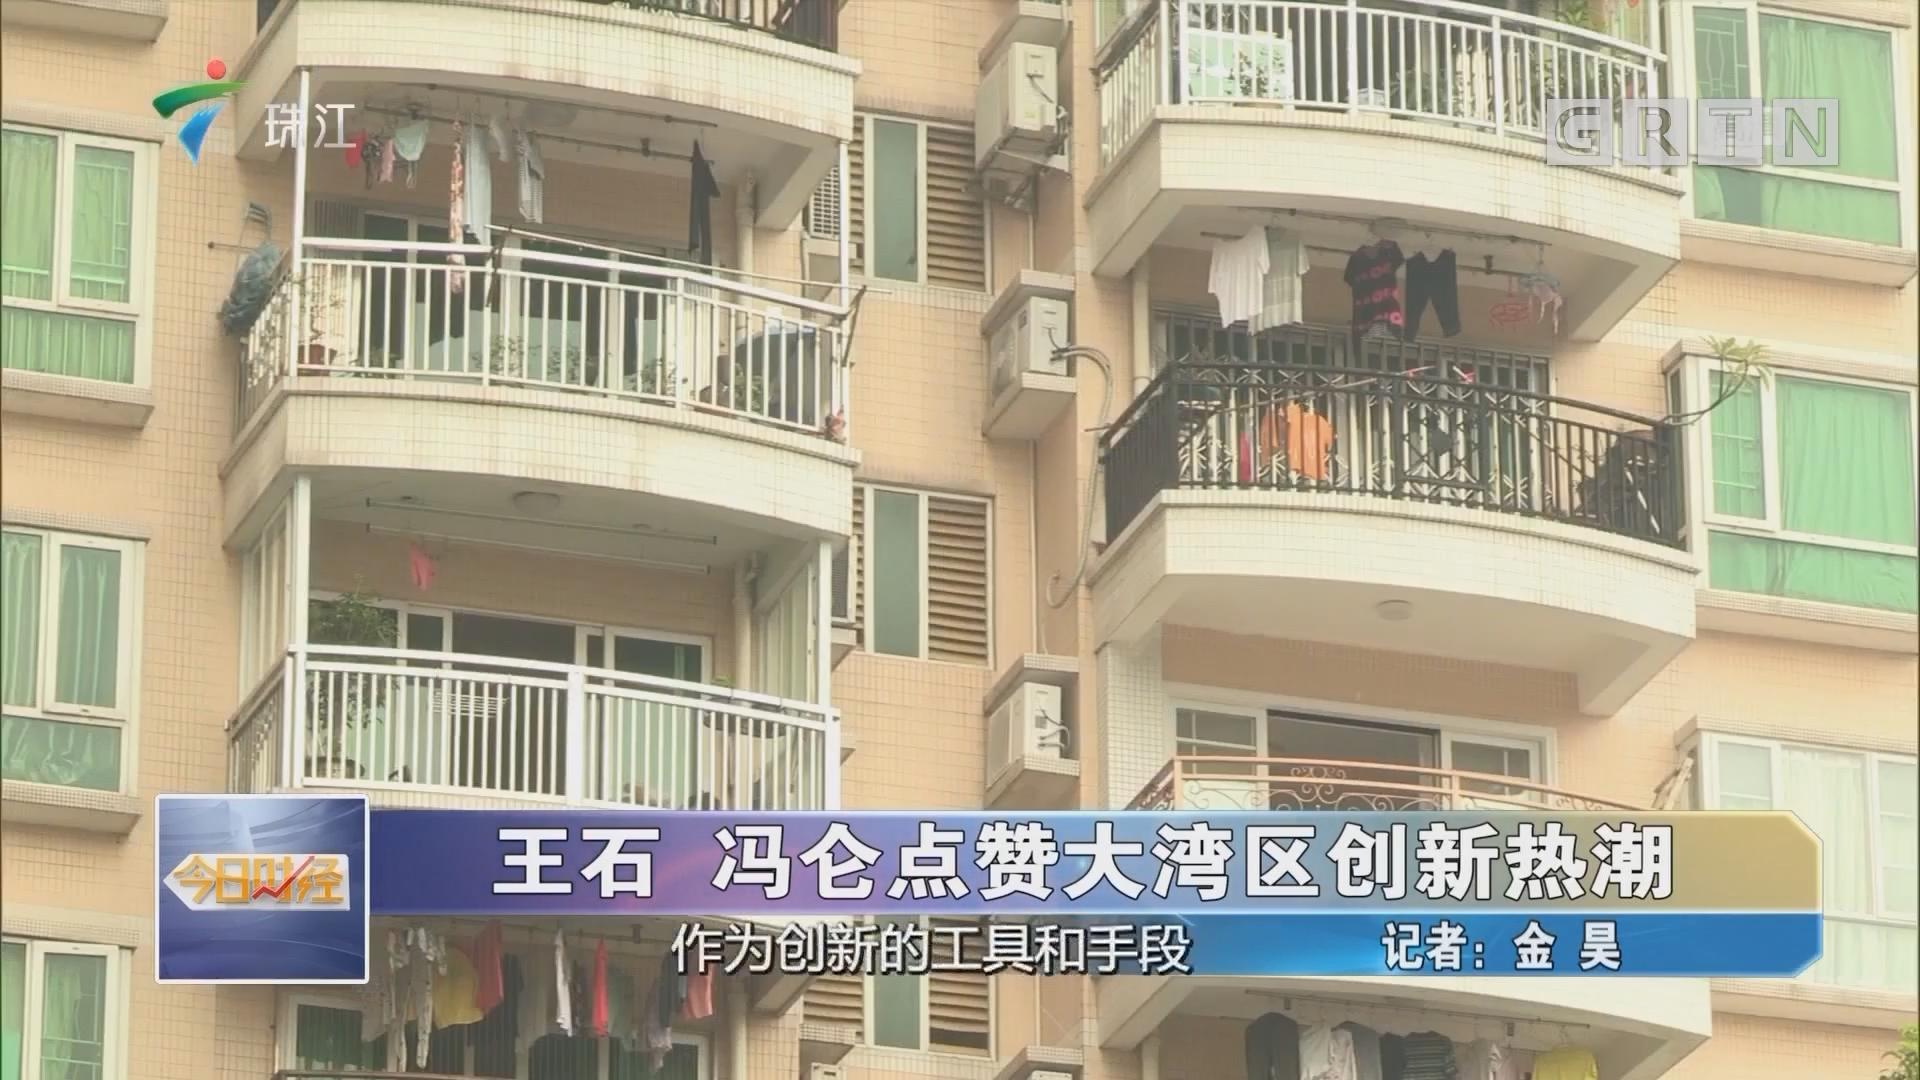 [HD][2019-07-30]今日财经:王石 冯仑点赞大湾区创新热潮